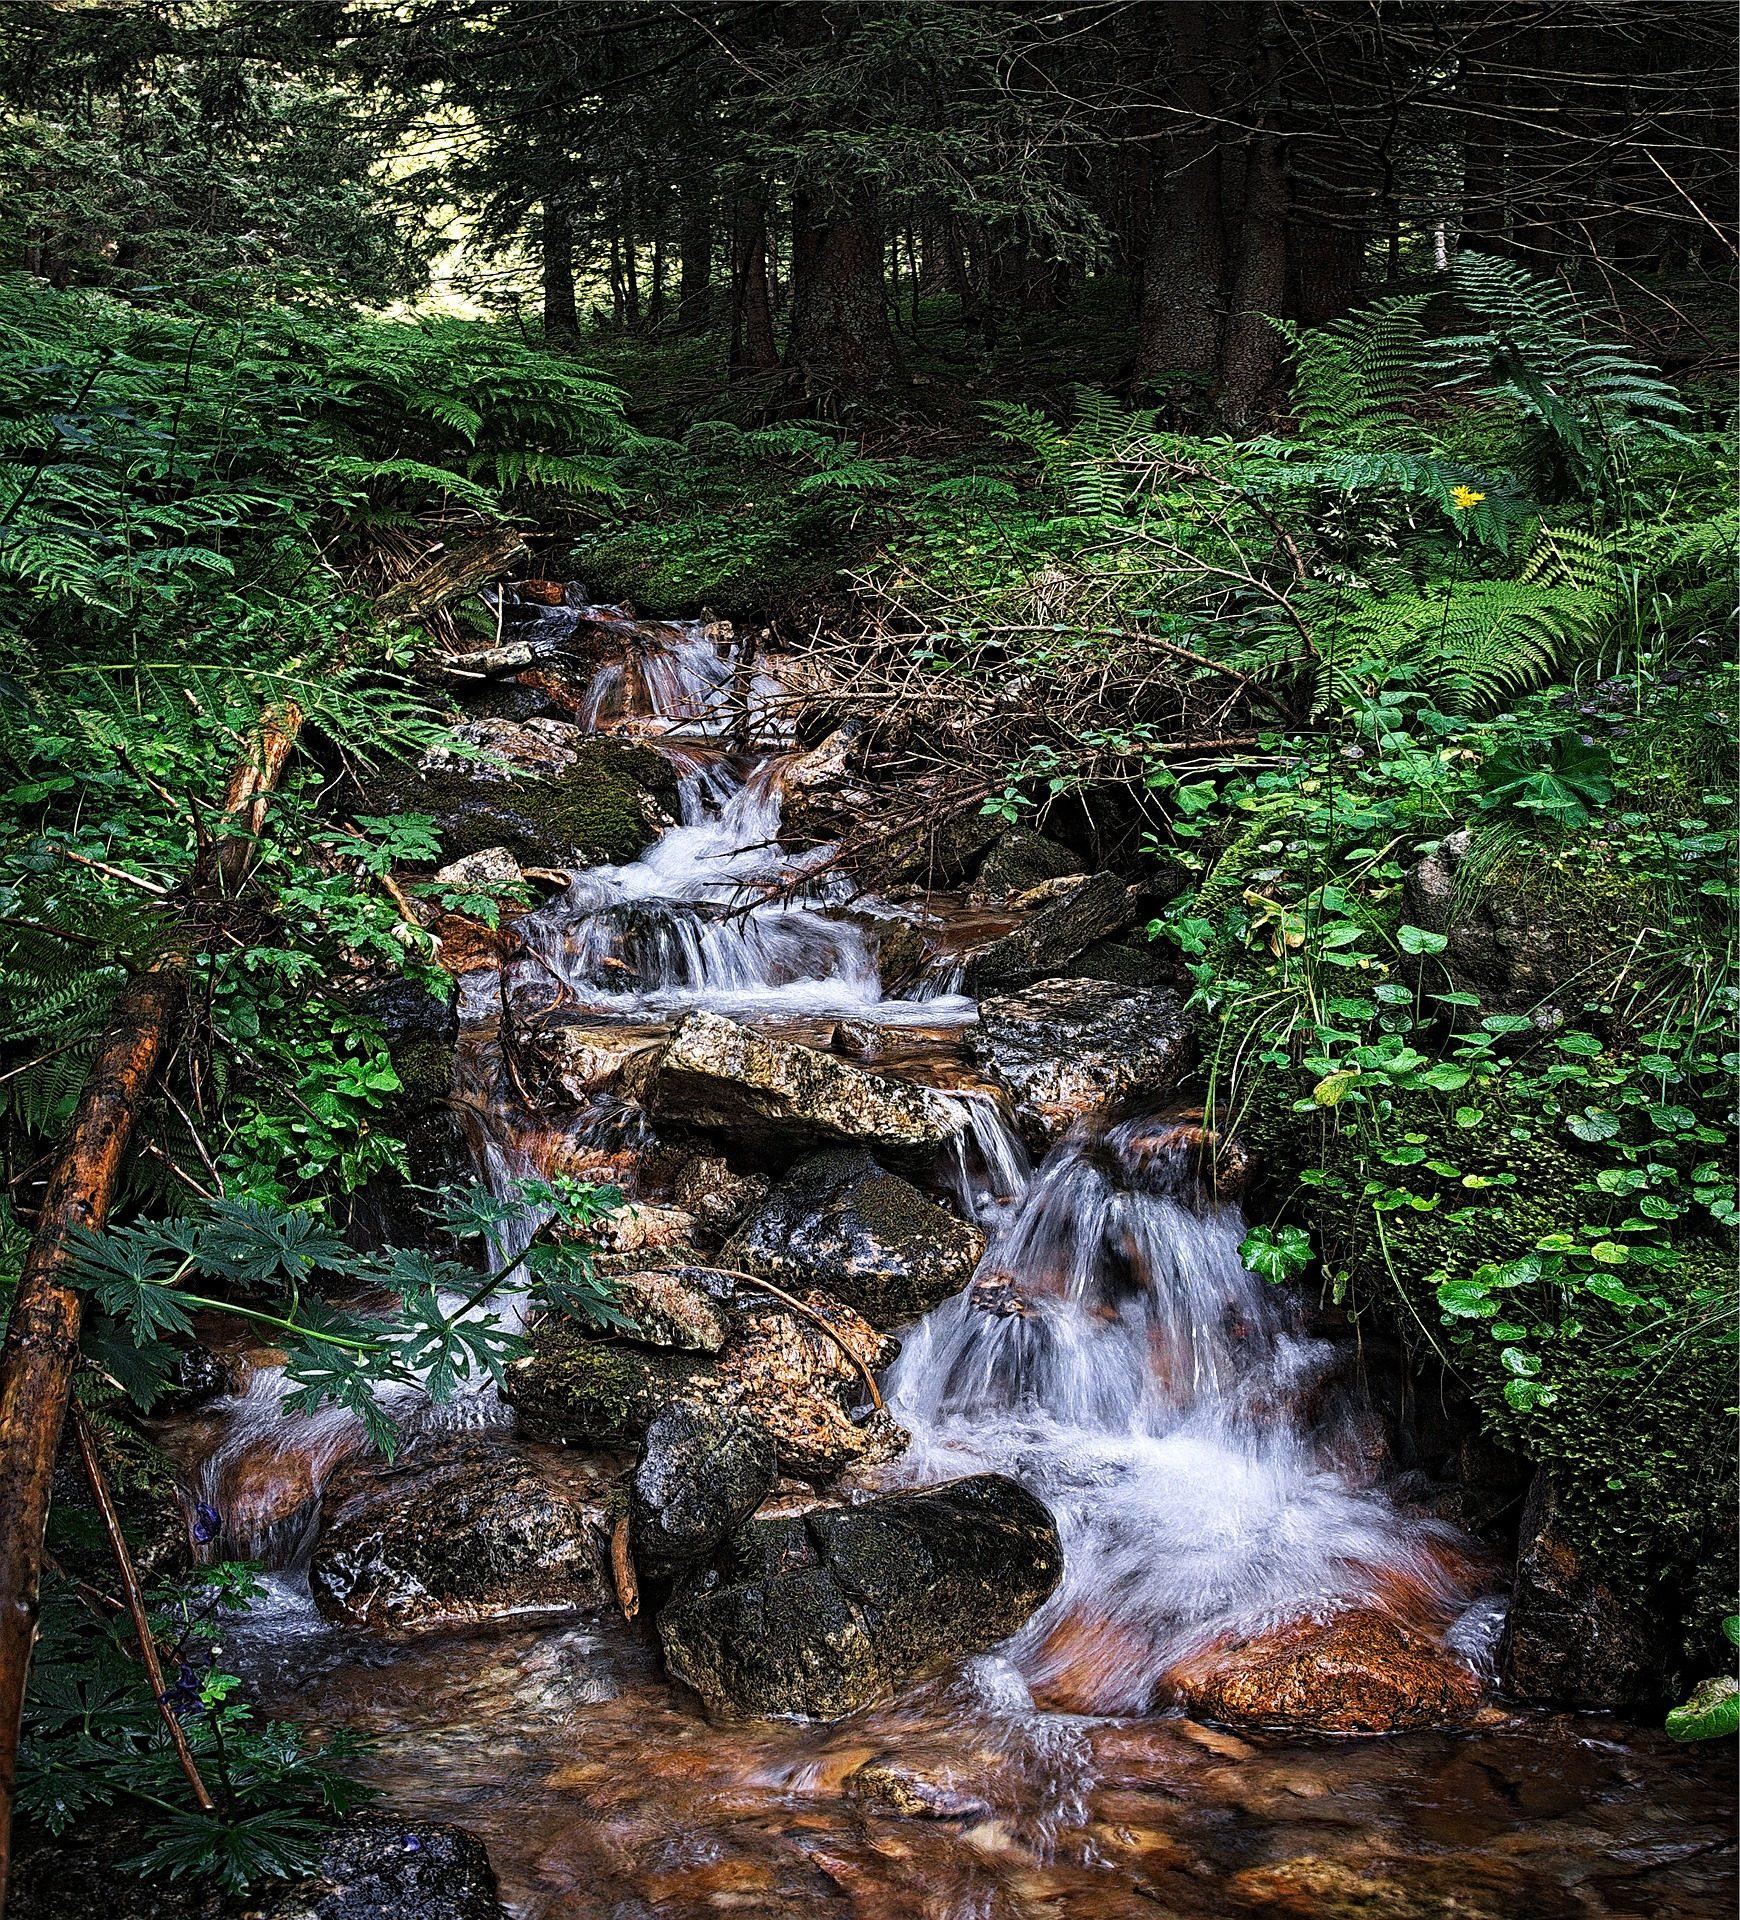 ब्रूक, नदी, पानी, वसंत, वनस्पति, वन - HD वॉलपेपर - प्रोफेसर-falken.com